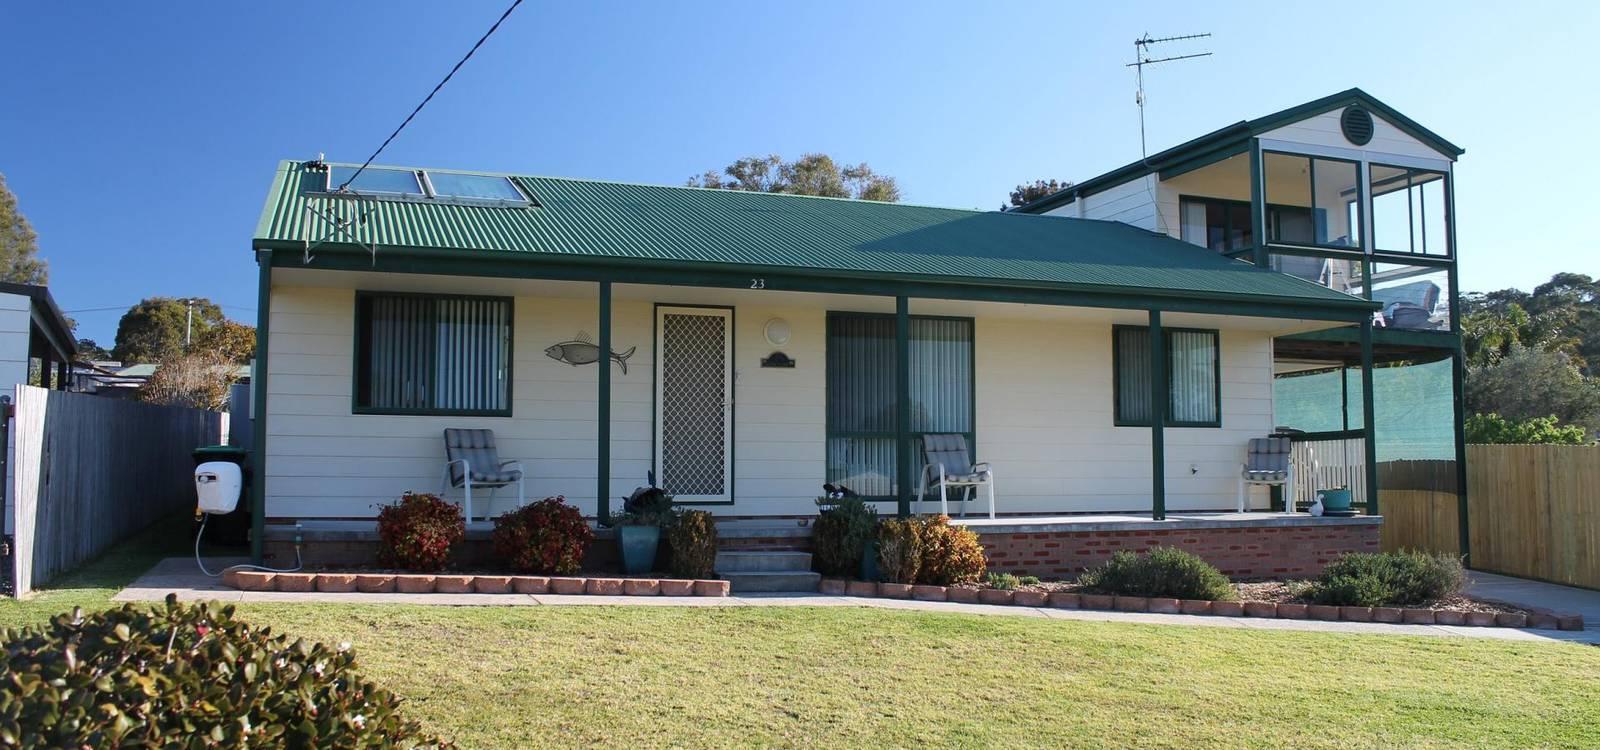 23 Meakin  Street TUROSS HEAD, NSW 2537 - photo 1